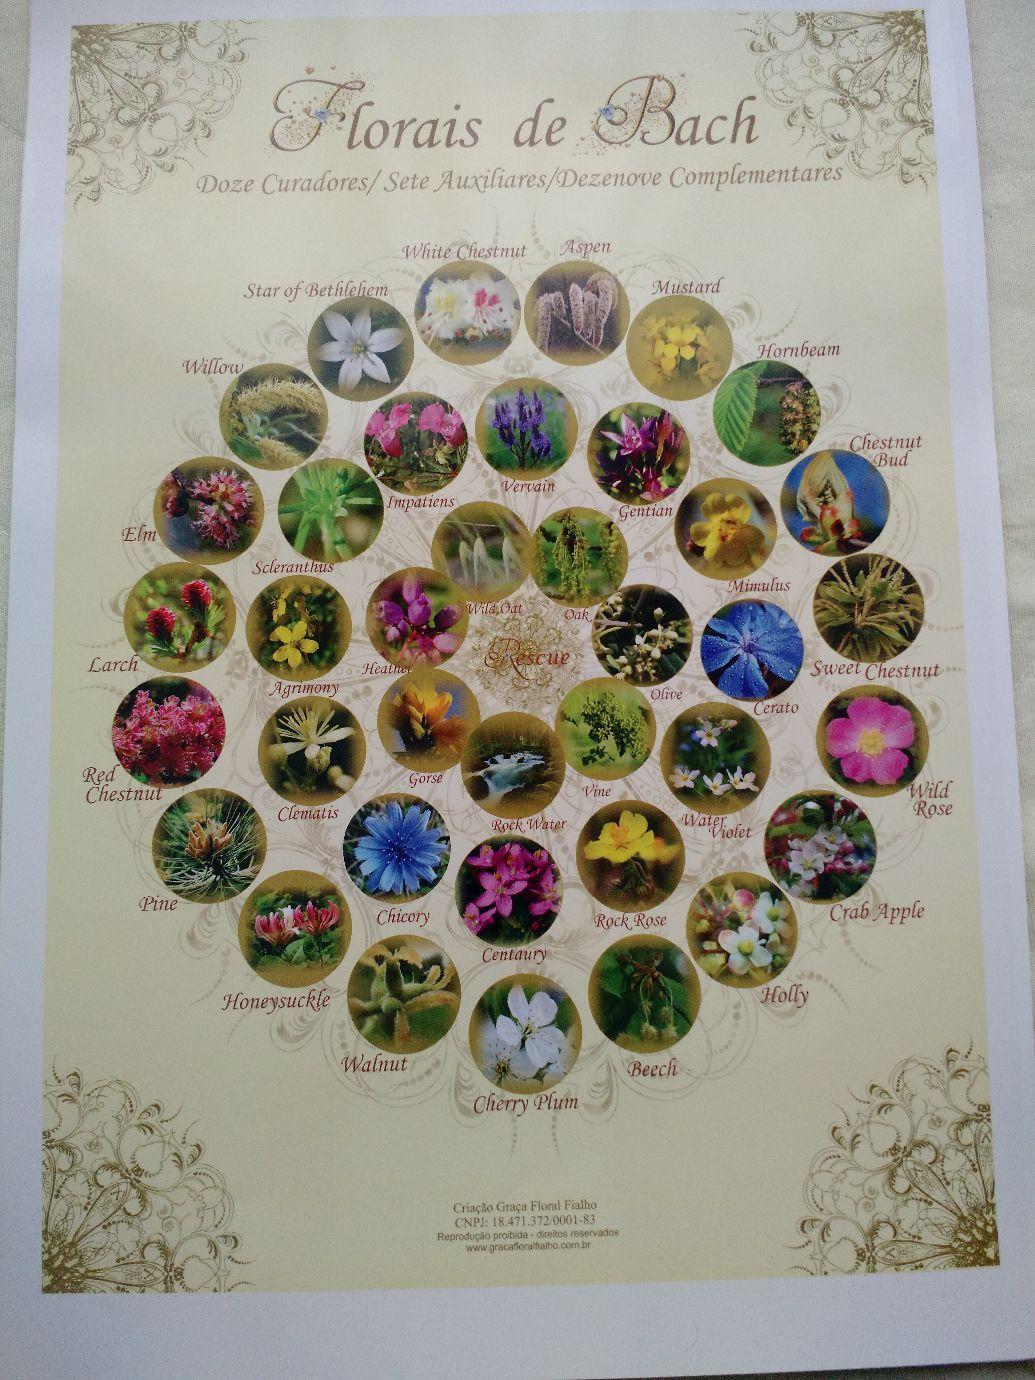 Poster 12 Curadores, 7 Auxiliares e 19 Complementares